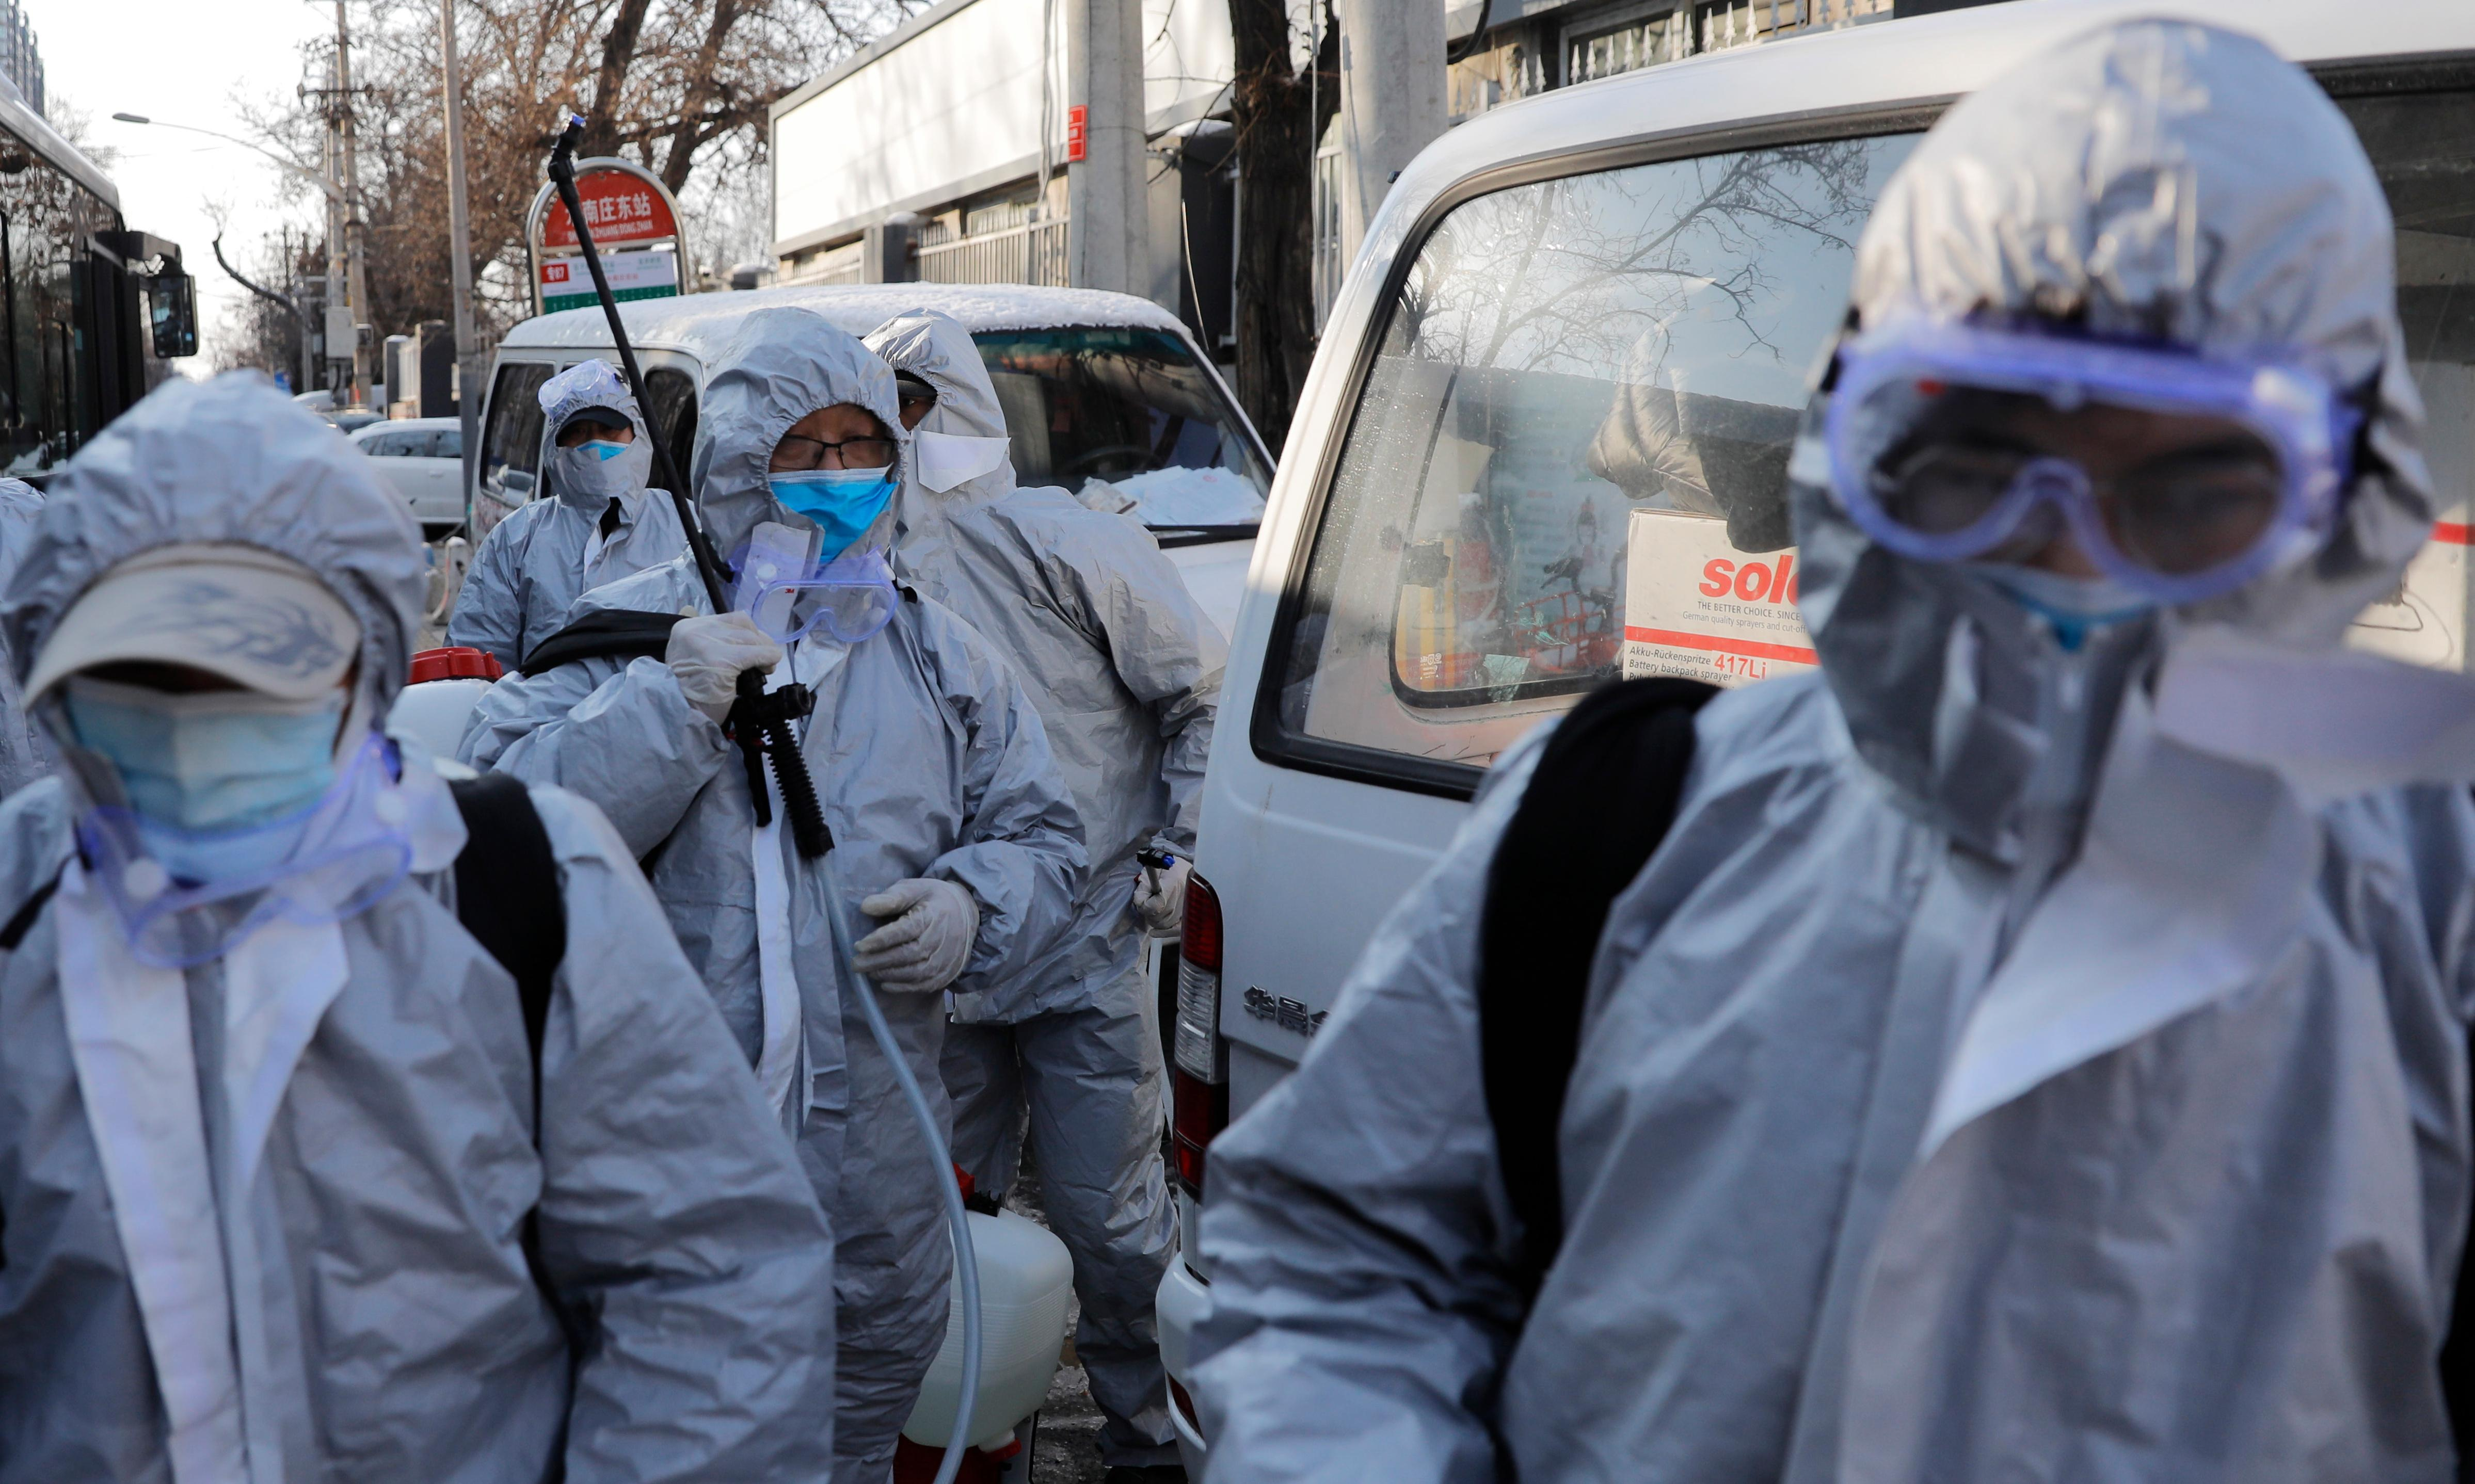 Coronavirus: the huge unknowns